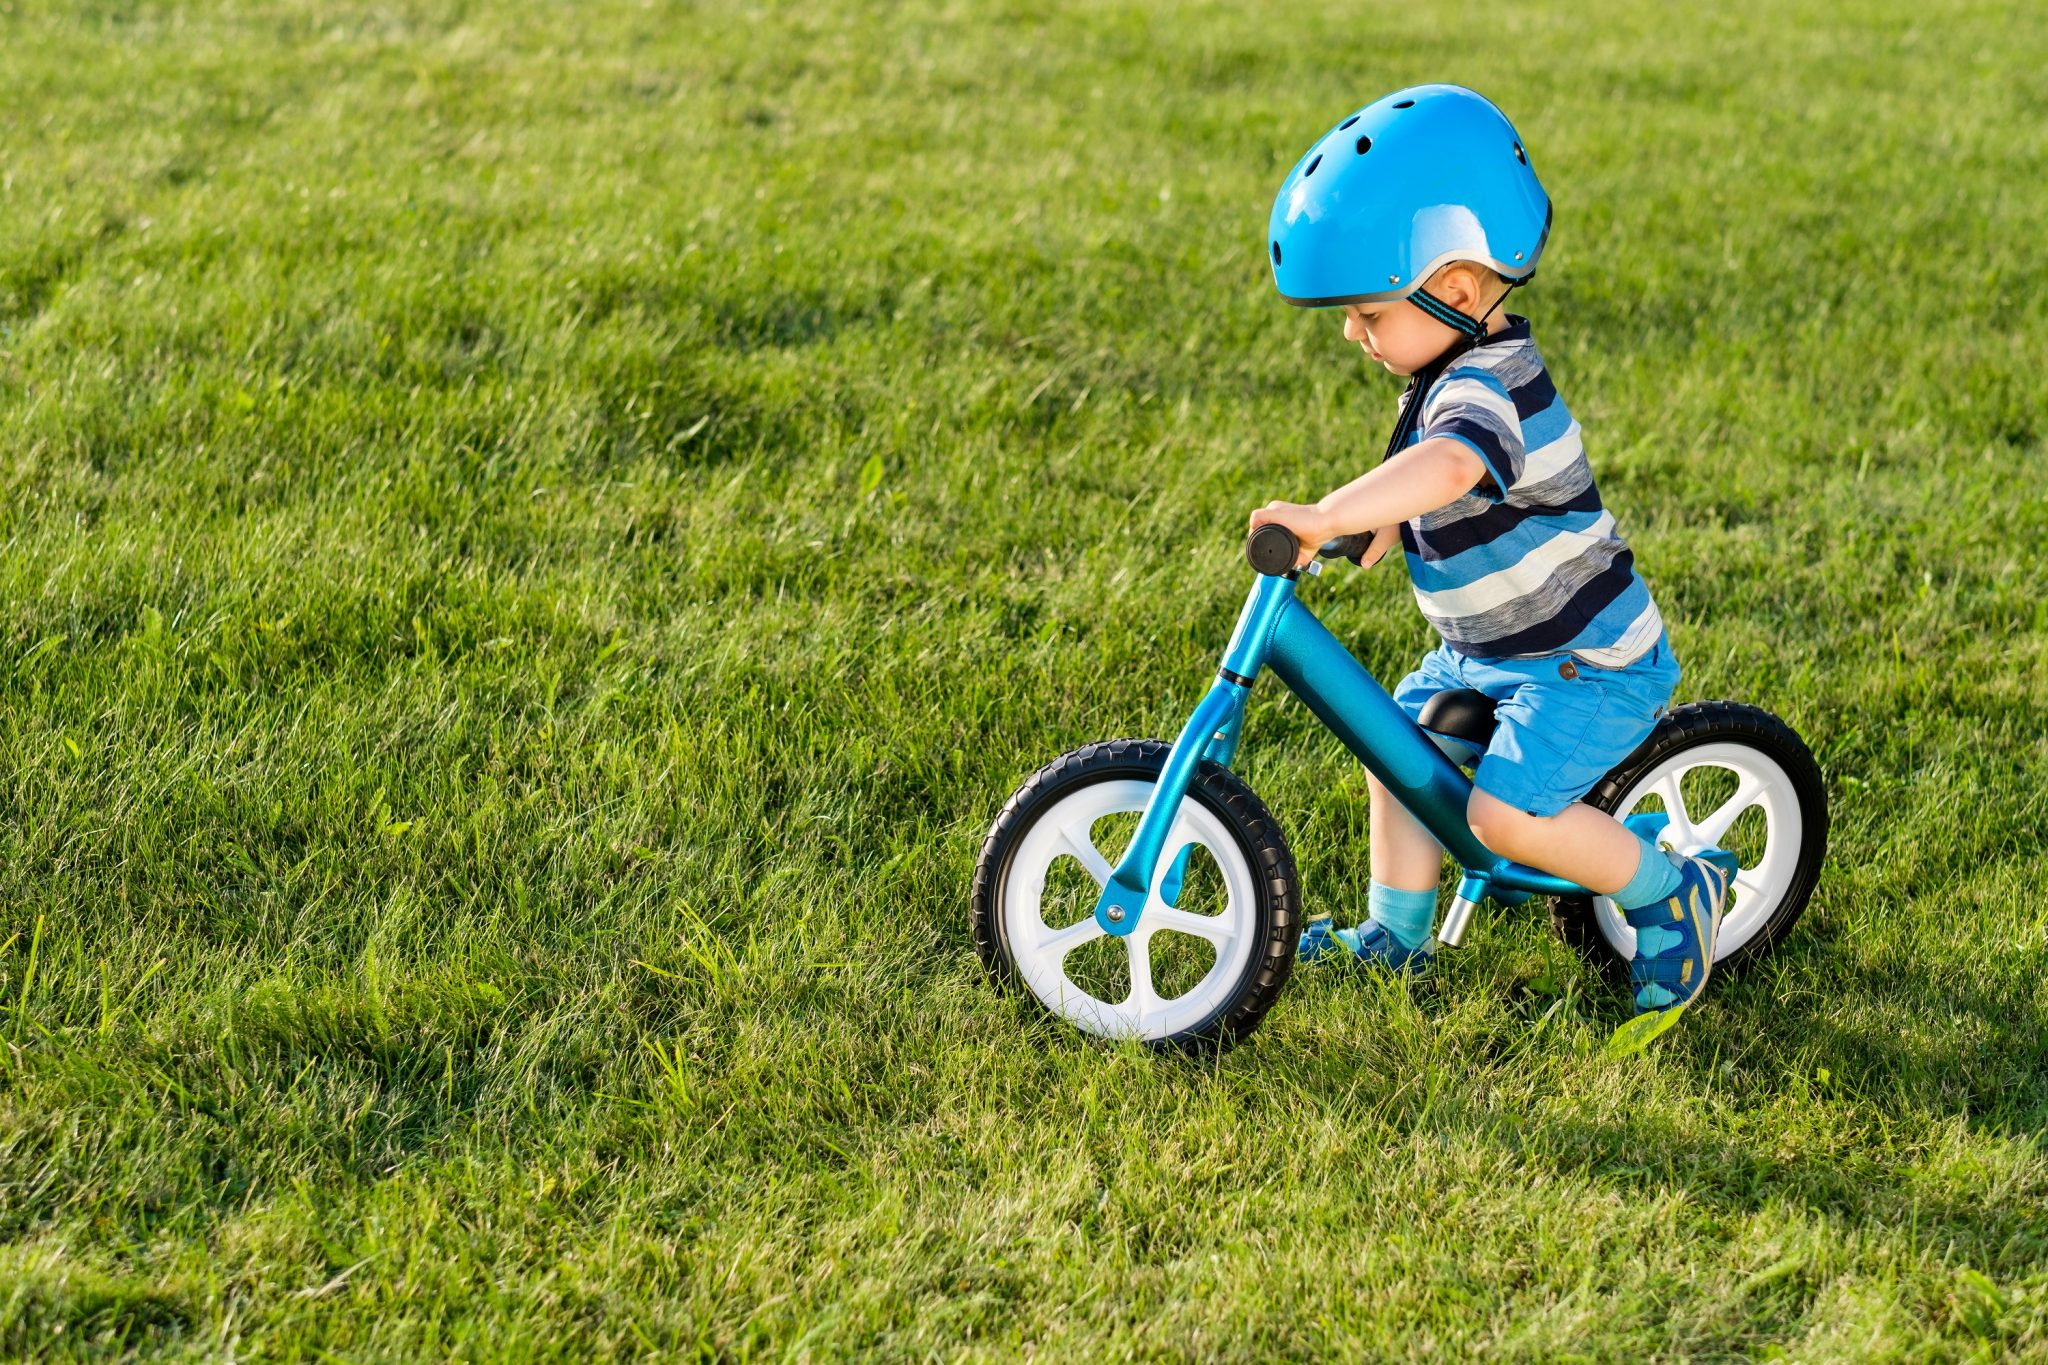 Rowerek biegowy na trawie